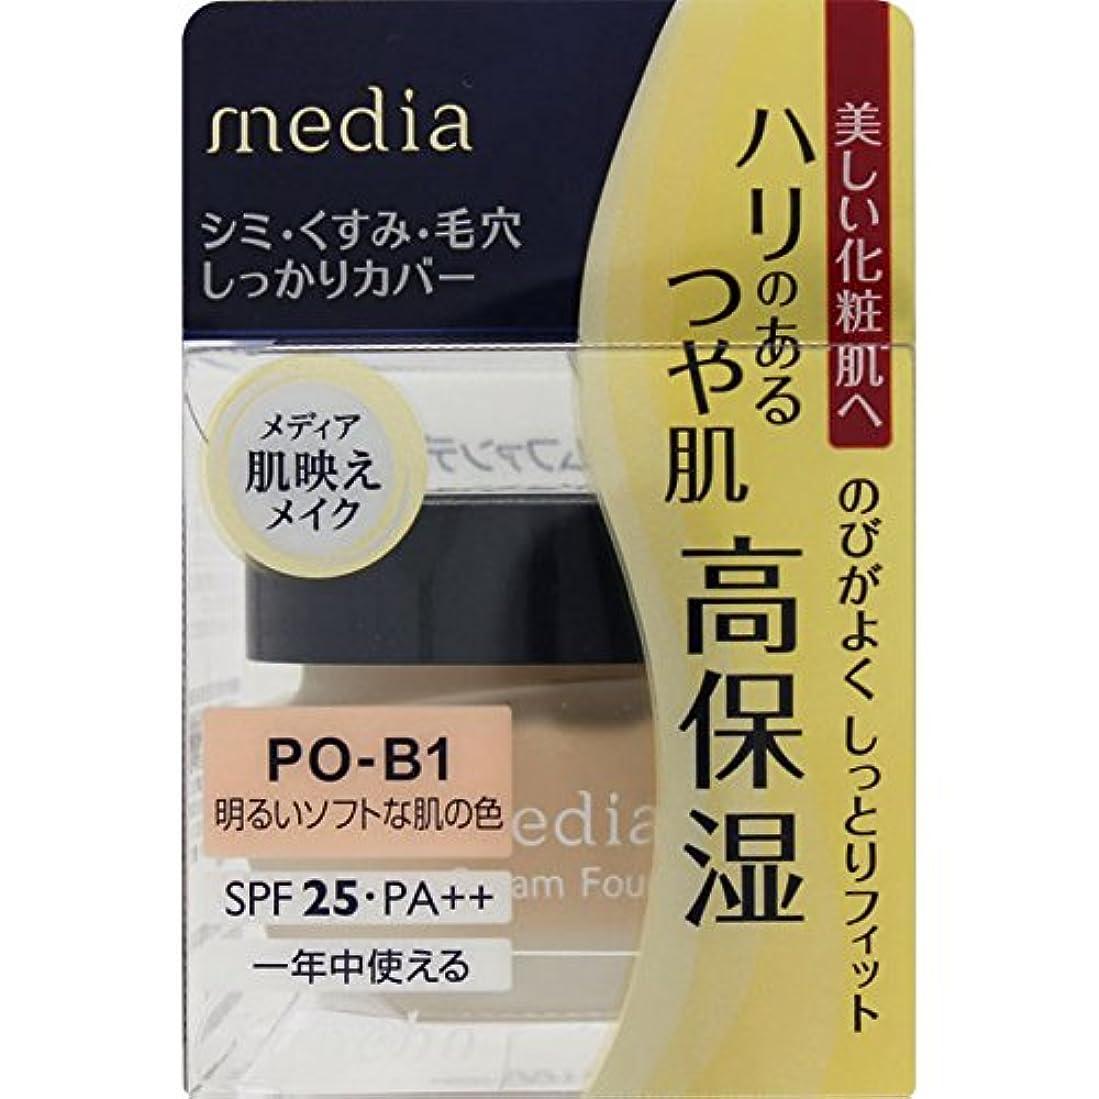 カネボウ化粧品 メディア クリームファンデーション 明るいソフトな肌の色 POーB1